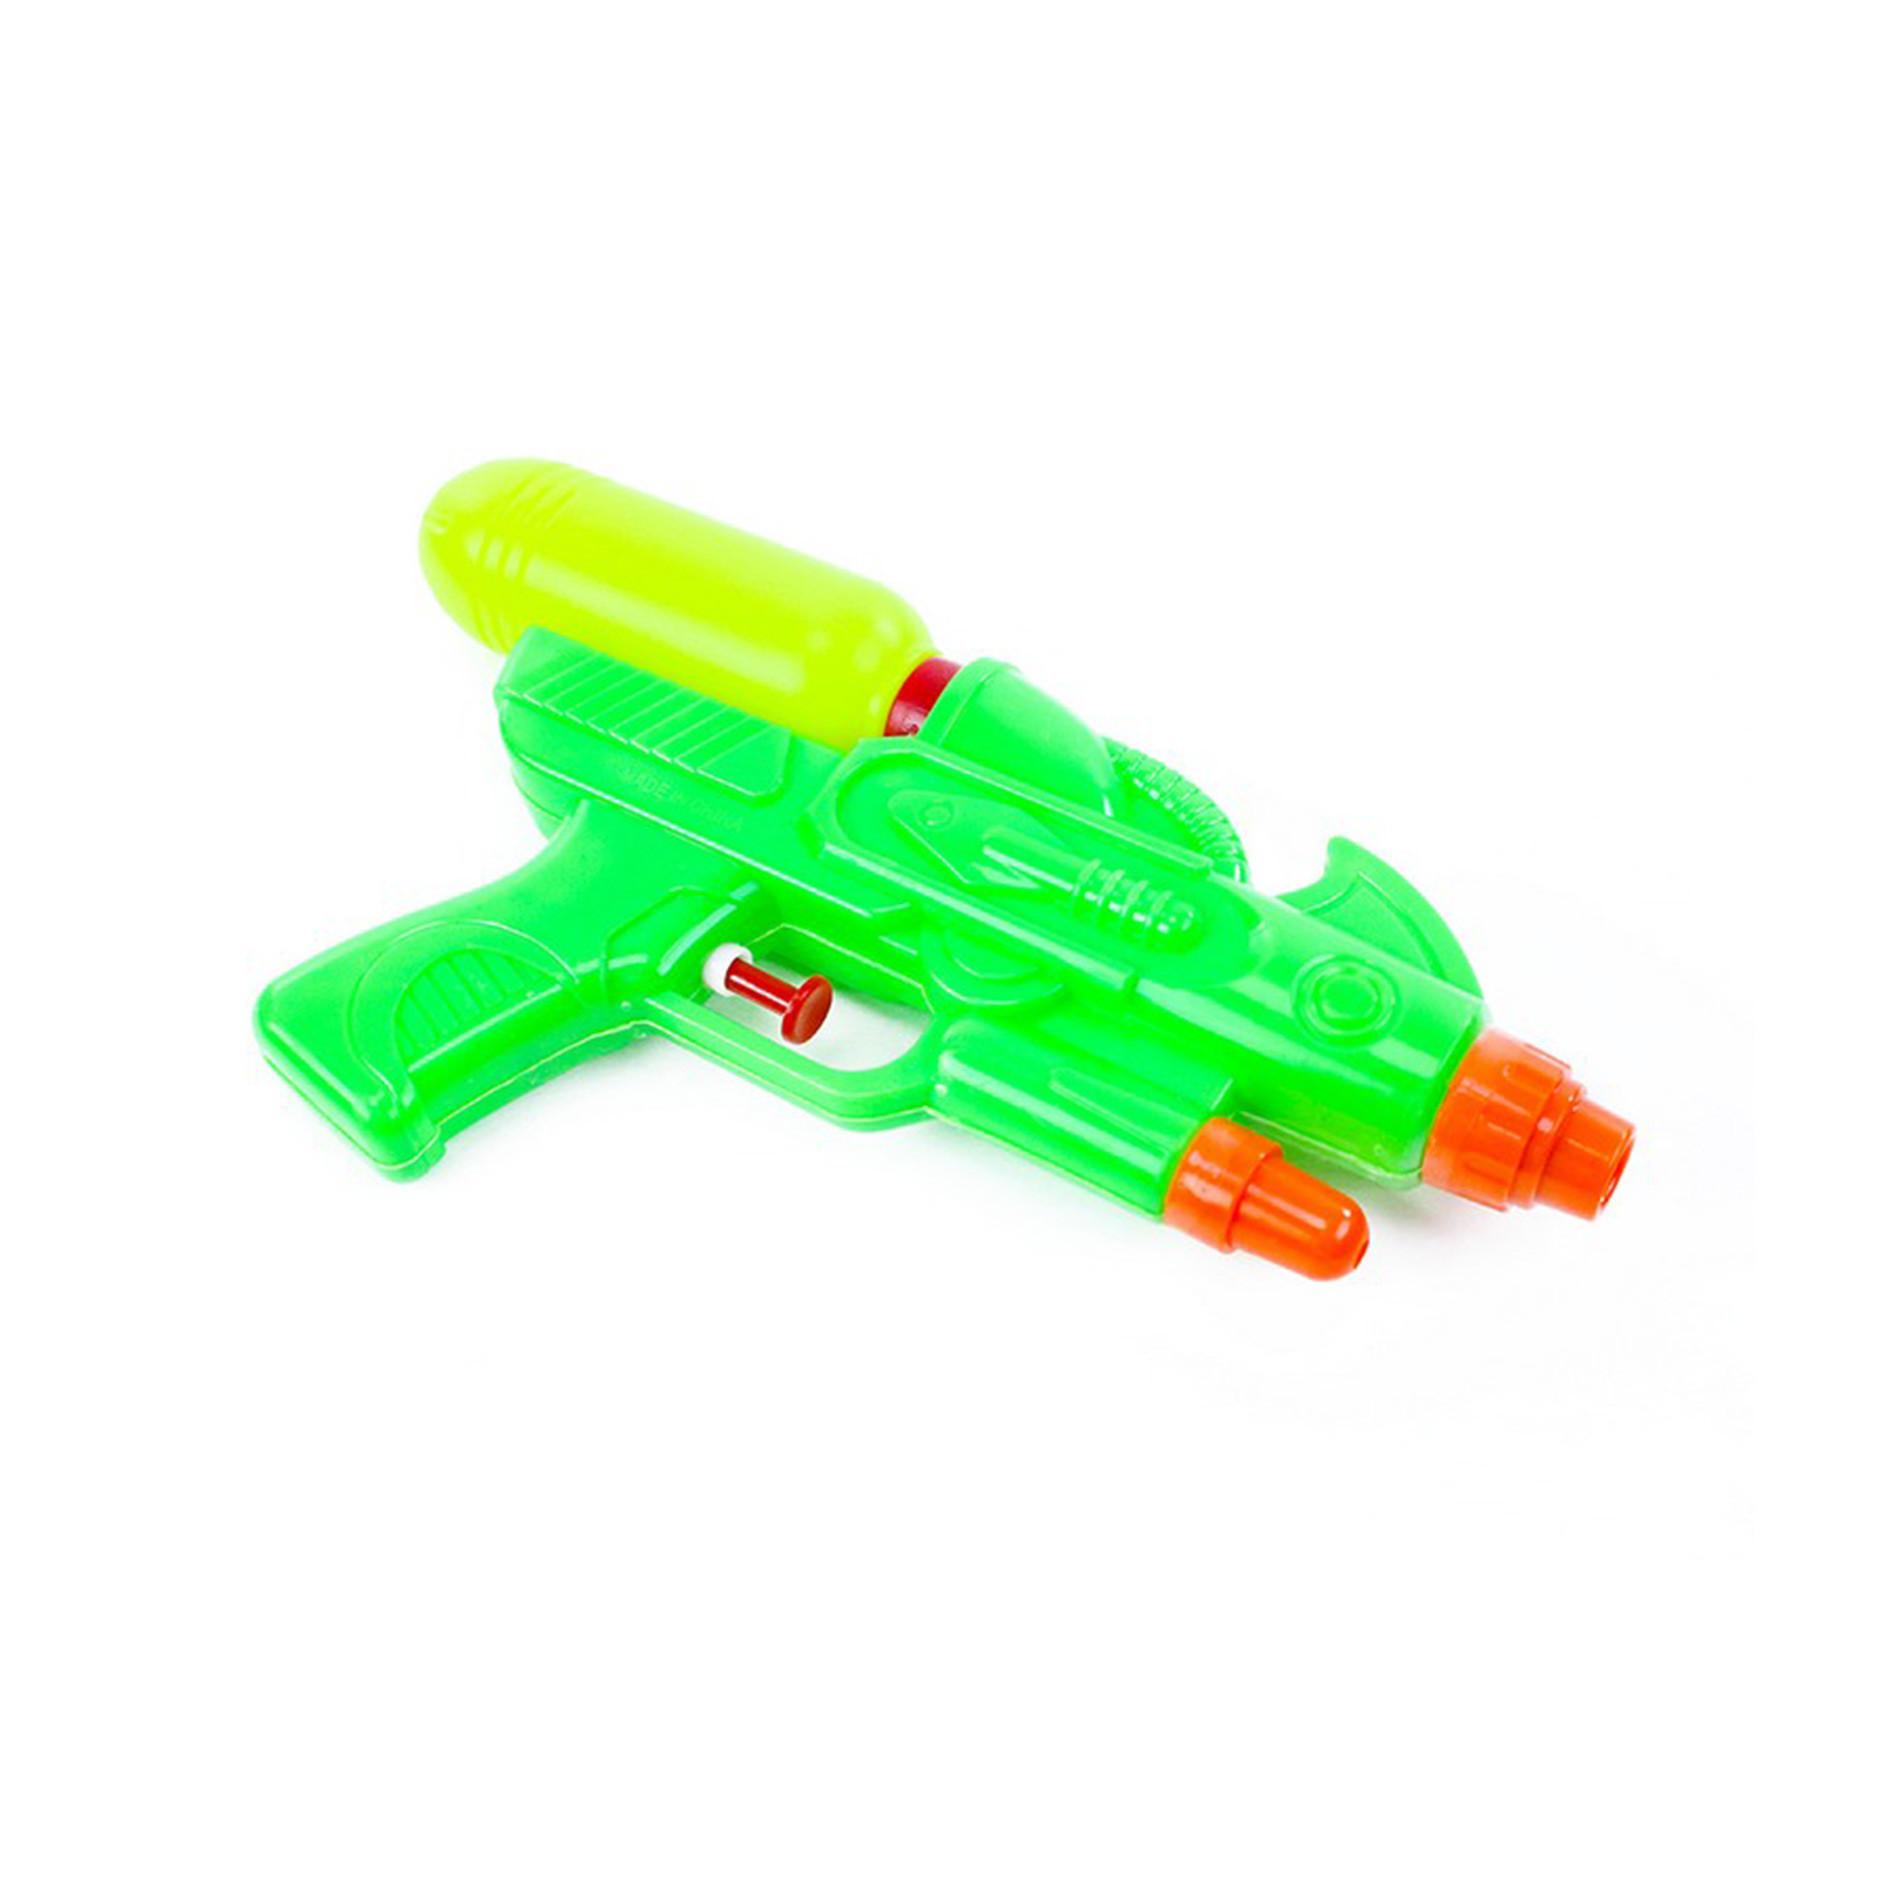 pistole vodní 24 cm 3 barvy